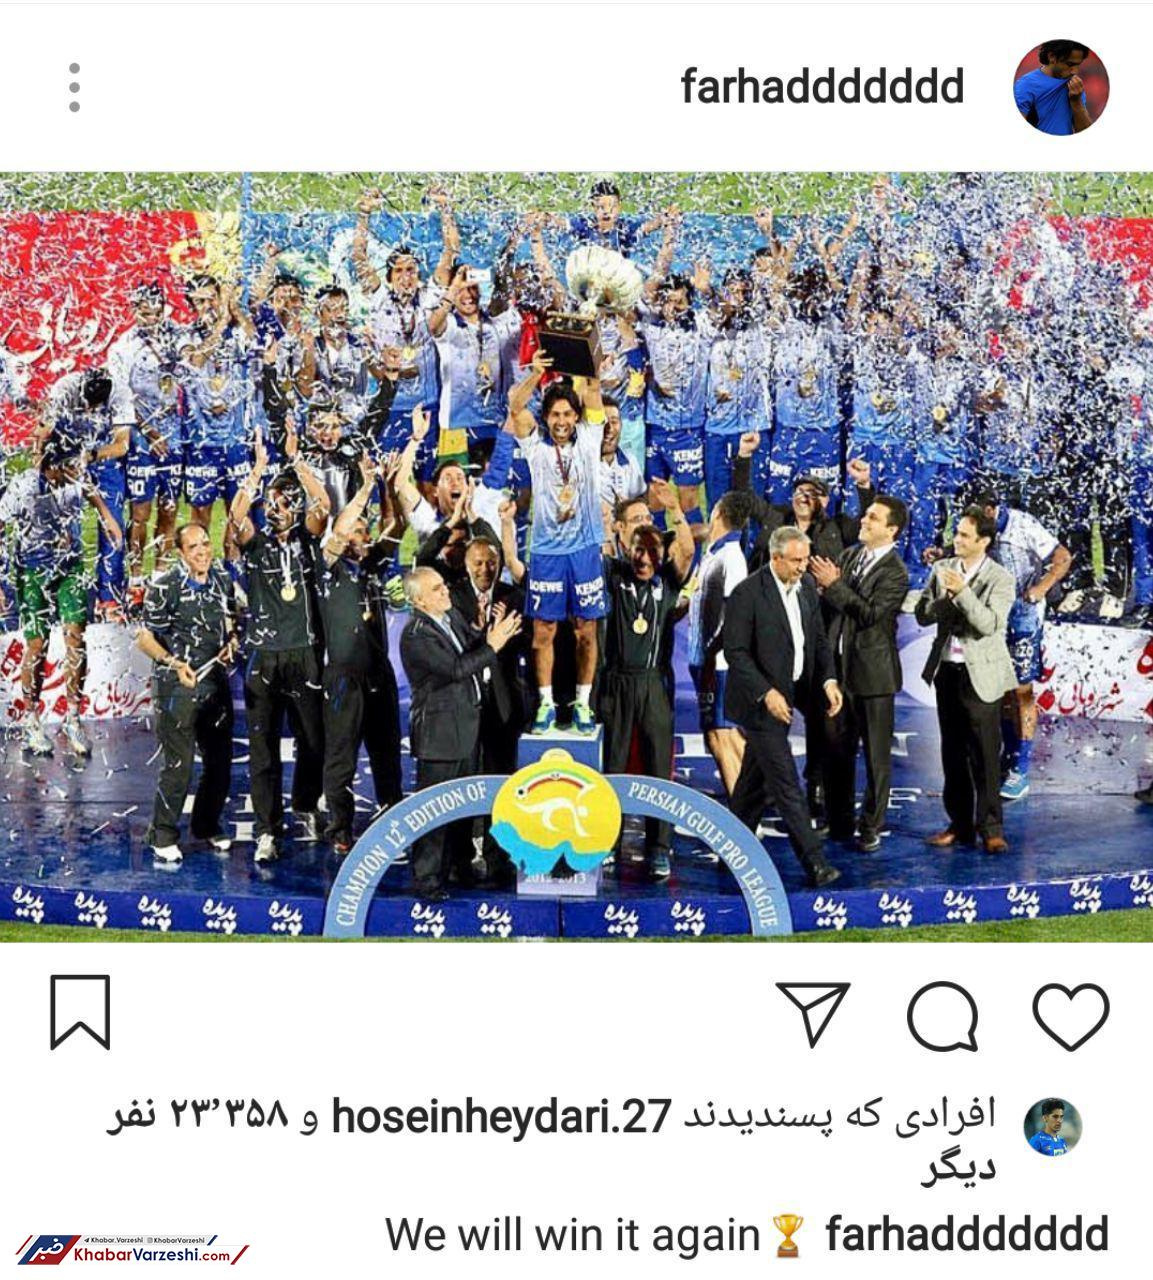 عکس  مجیدی: باز هم برنده خواهیم شد